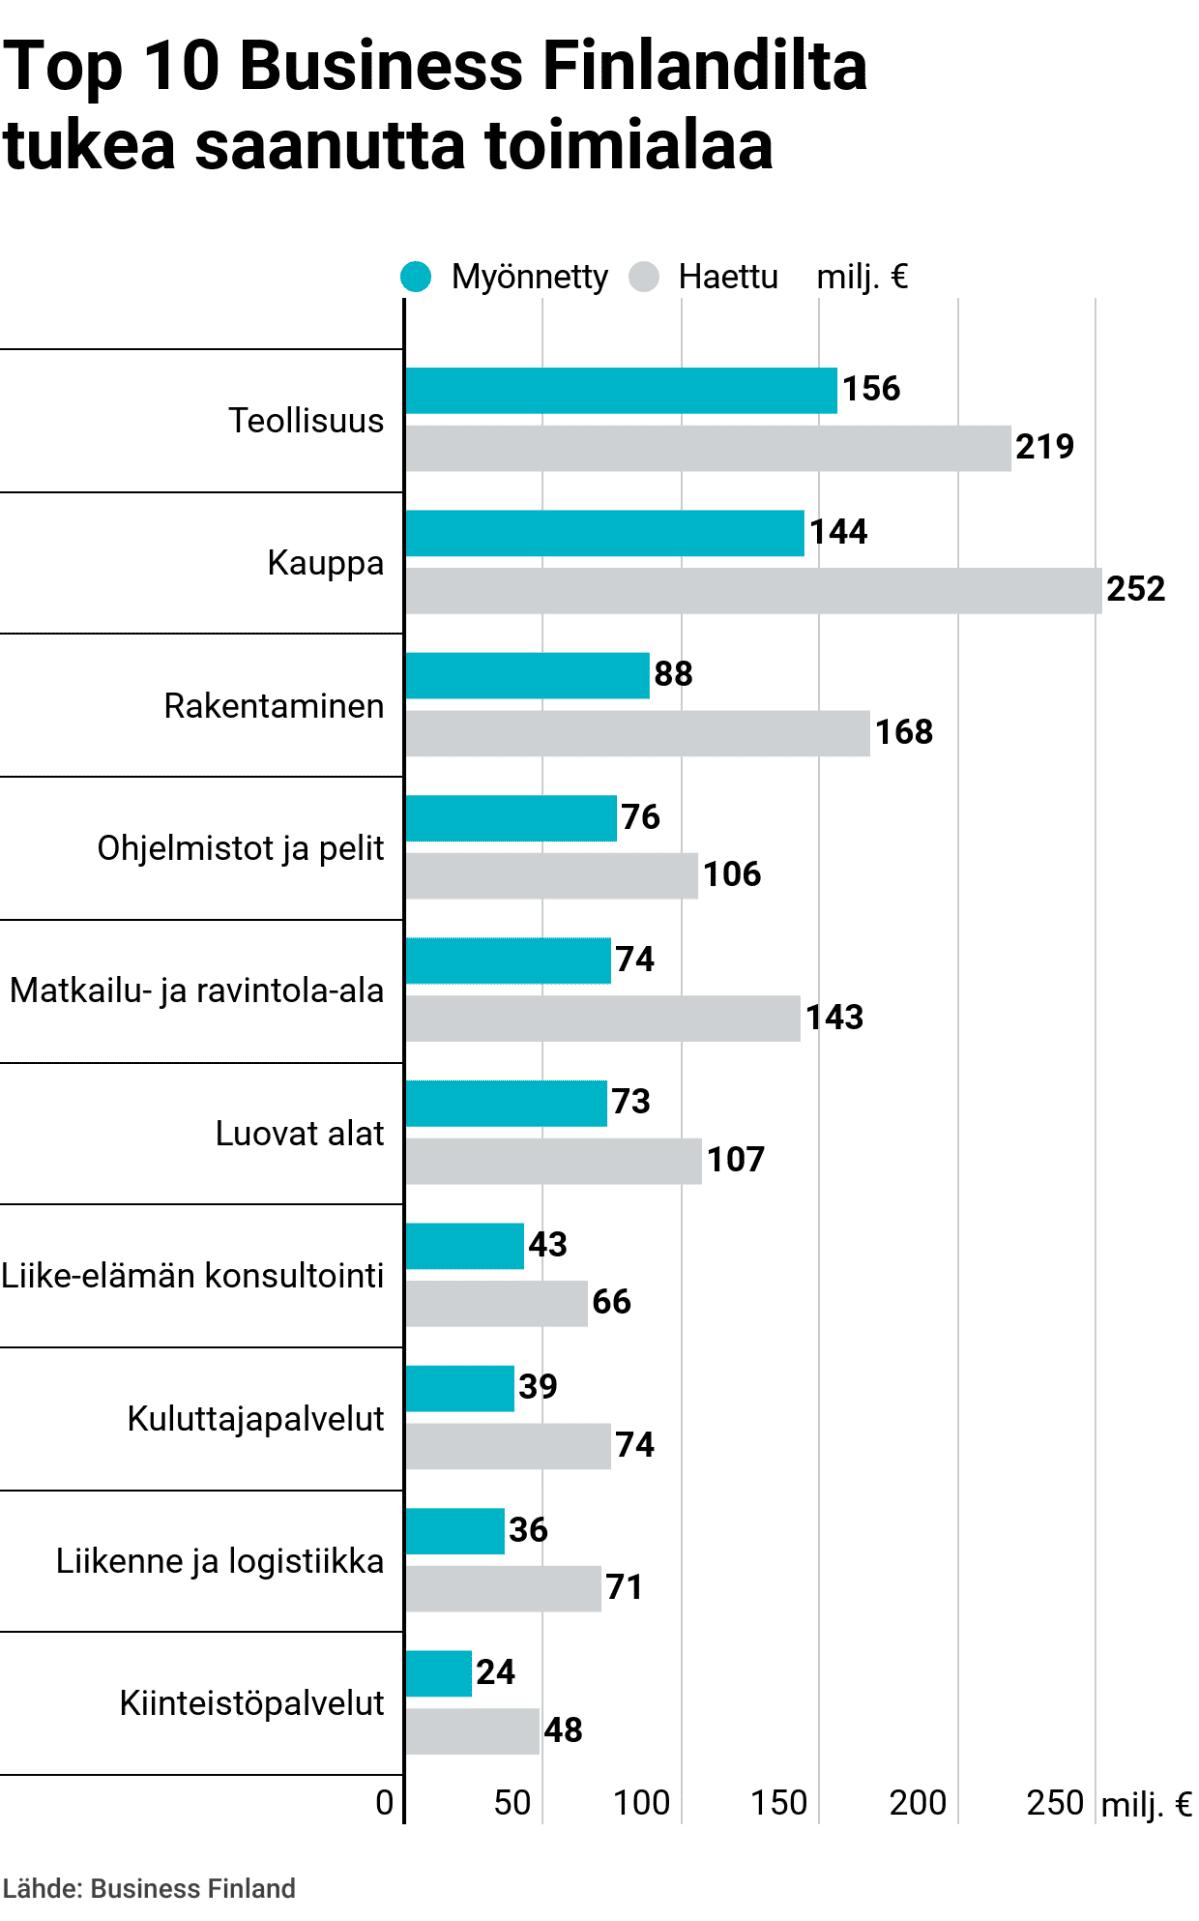 Top 10 Business Finlandilta tukea saanutta toimialaa